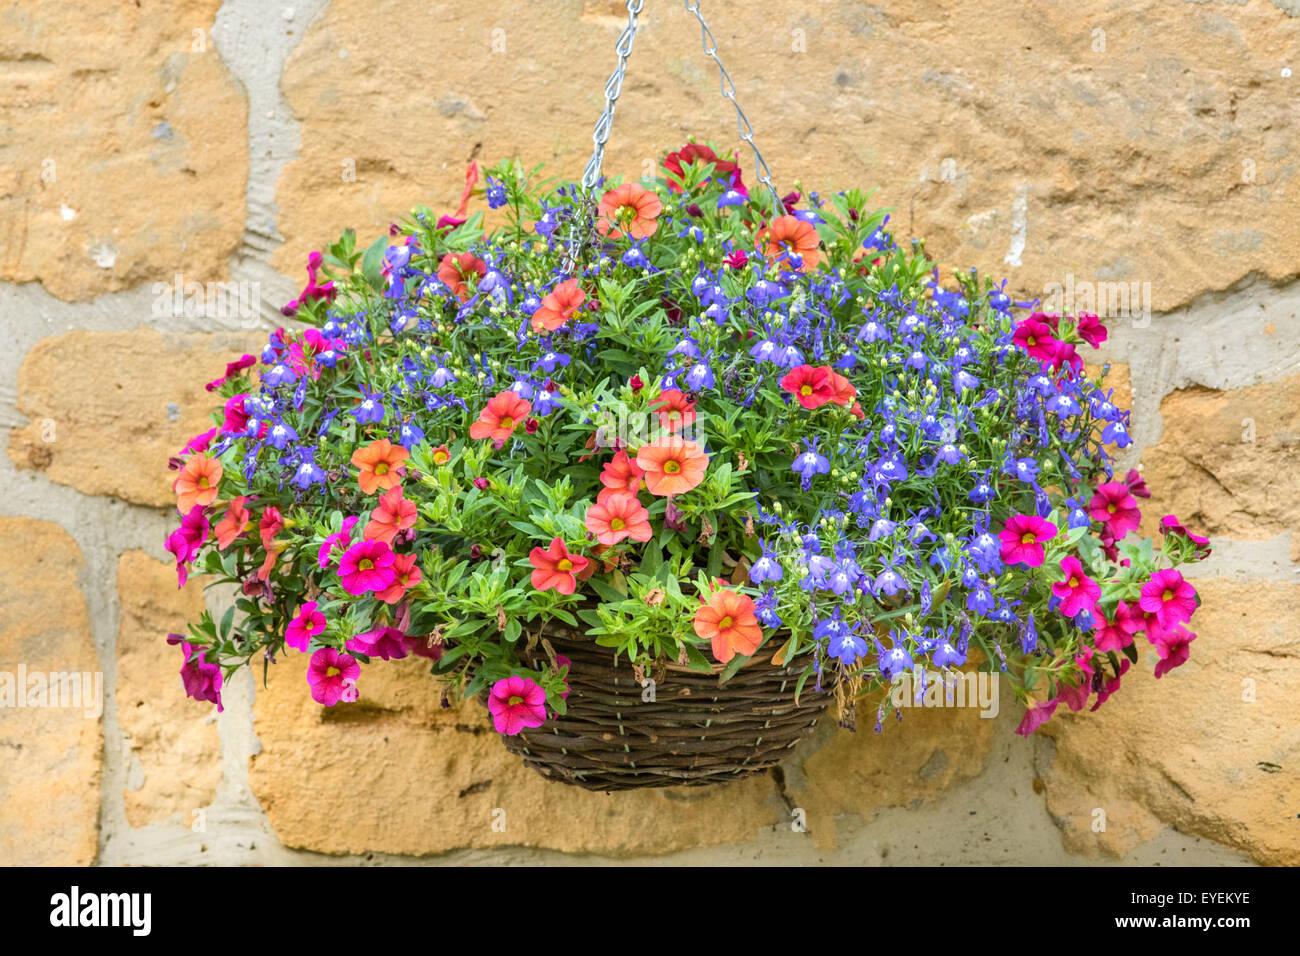 Hanging basket - Stock Image